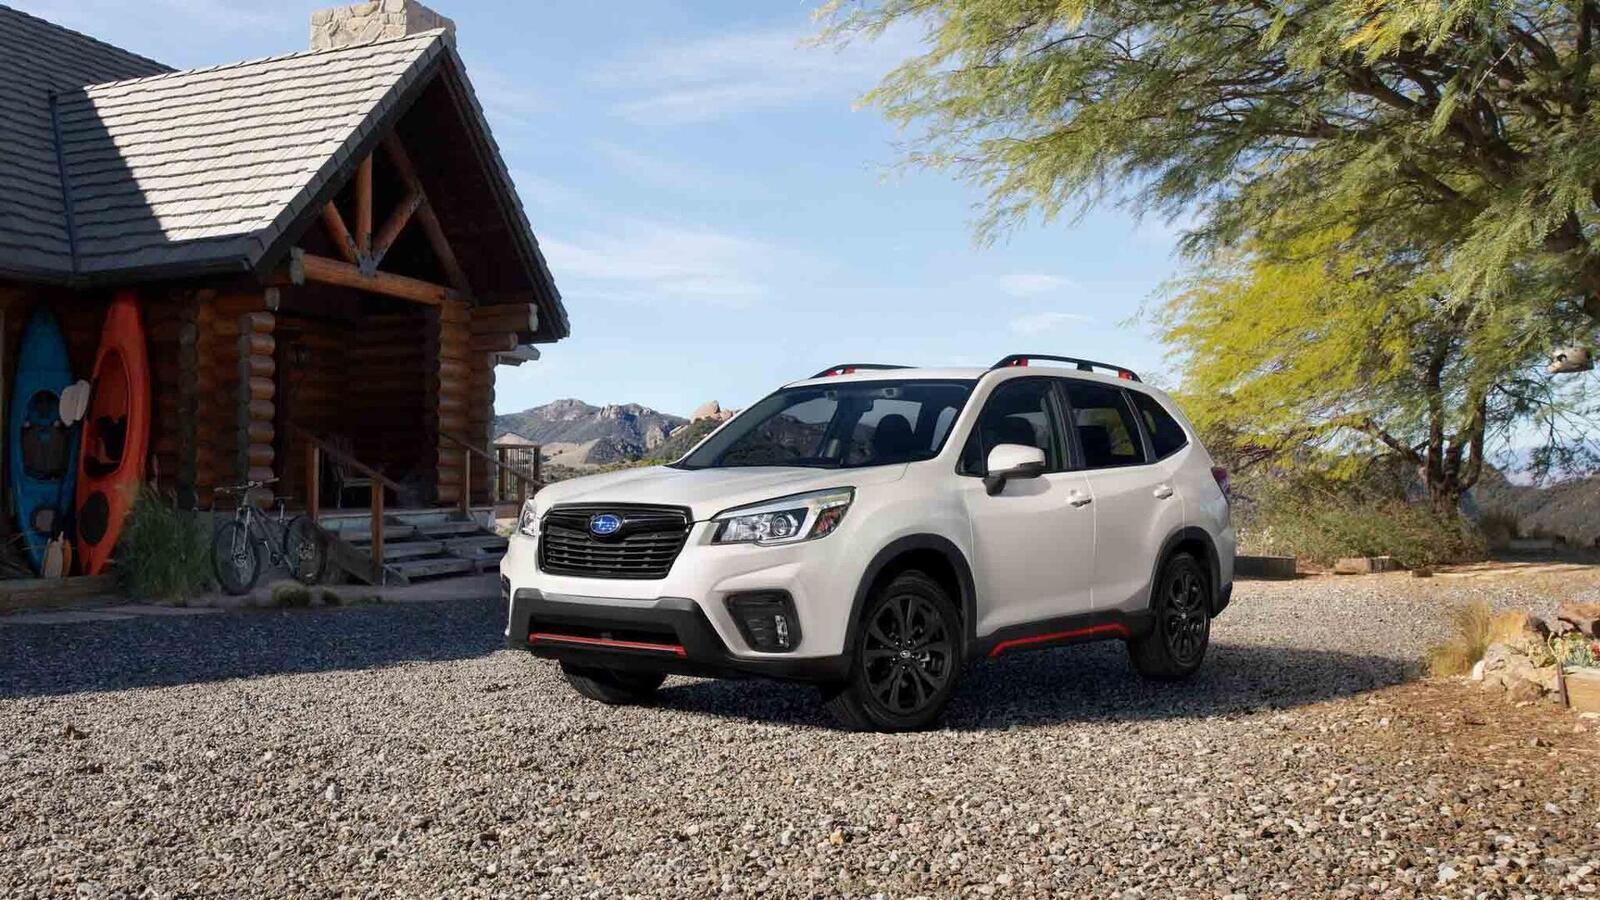 Subaru Forester 2019: Thay đổi nội ngoại thất, động cơ mạnh hơn, thêm nhiều phiên bản - Hình 11